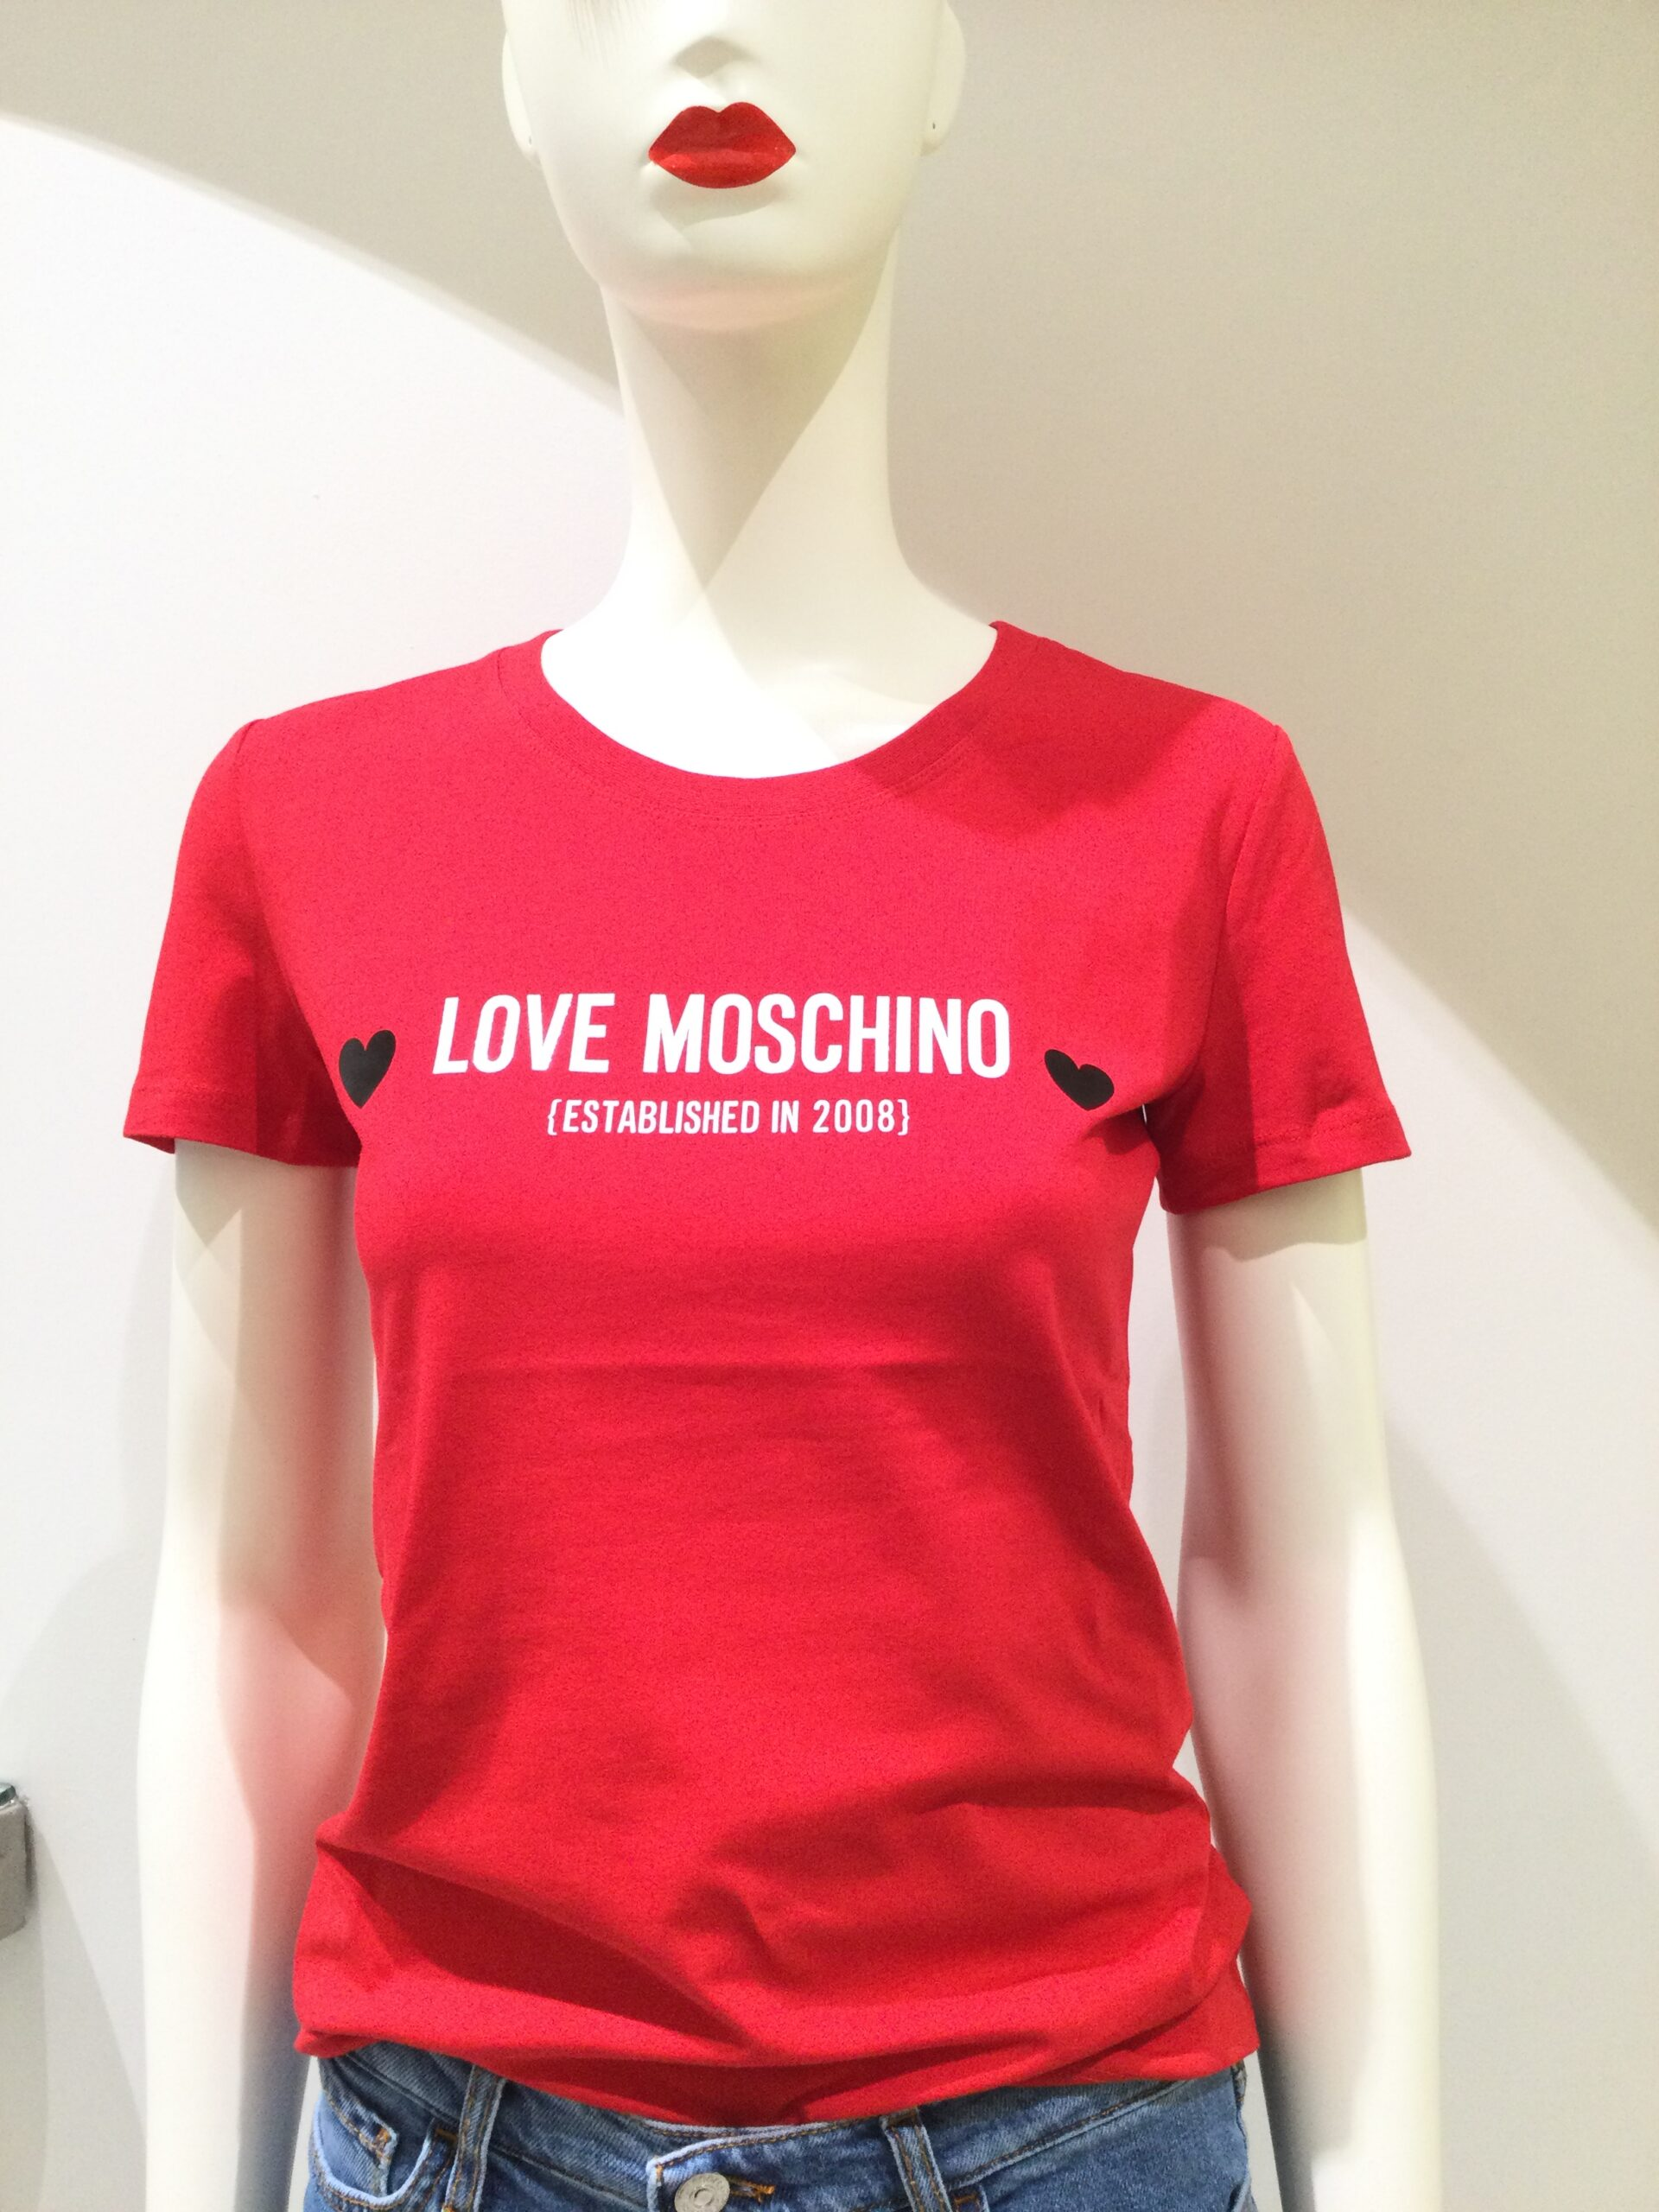 LOVE MOSCHINO T-SHIRT ROSSA